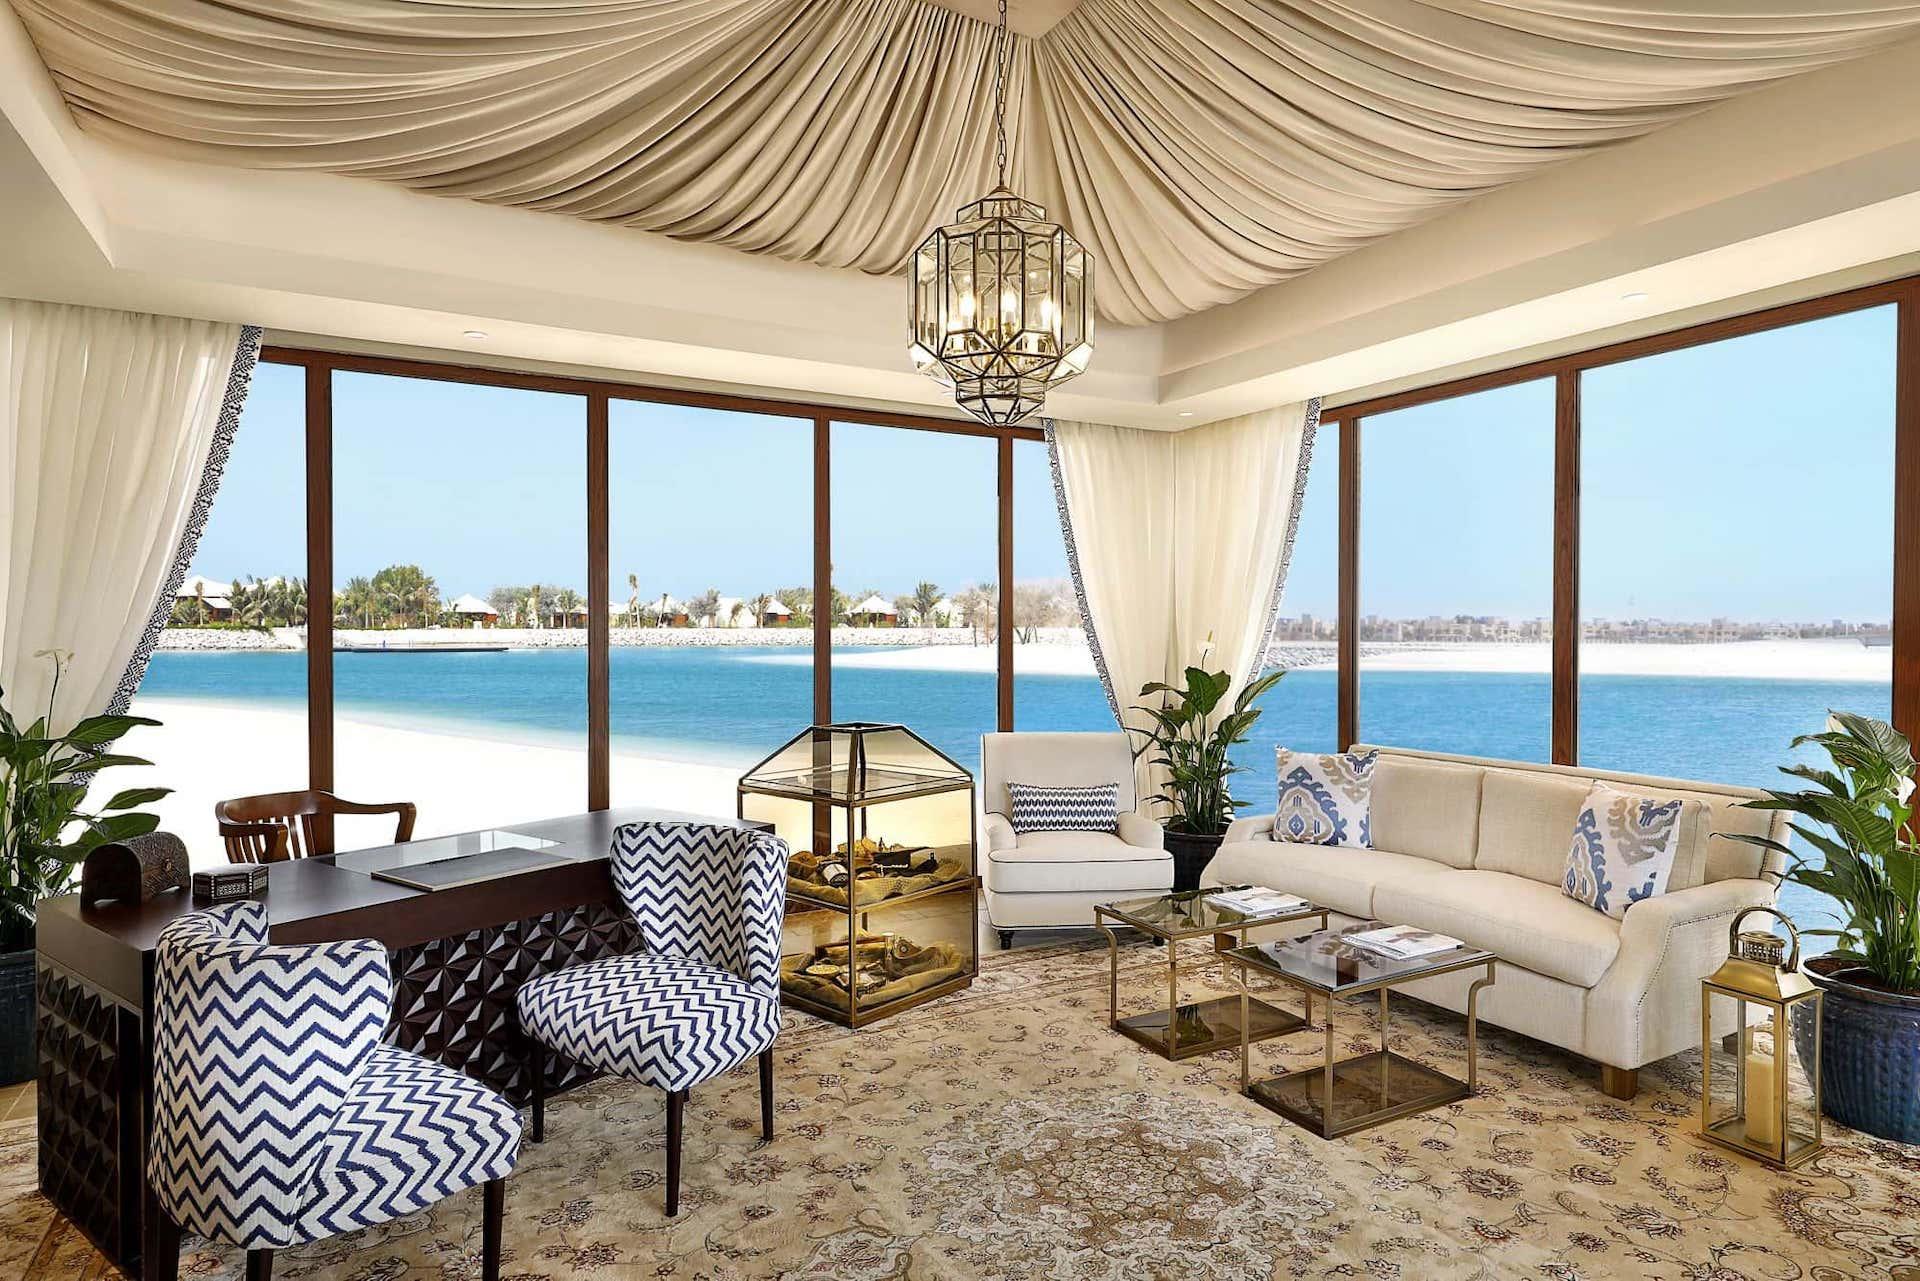 С момента открытия в 2013 году Waldorf Astoria Ras Al Khaimah был удостоен более 100 наградами. И одна из недавних наград - Safeguard от Bureau Veritas за соблюдении самых высоких стандартов здоровья и гигиены.